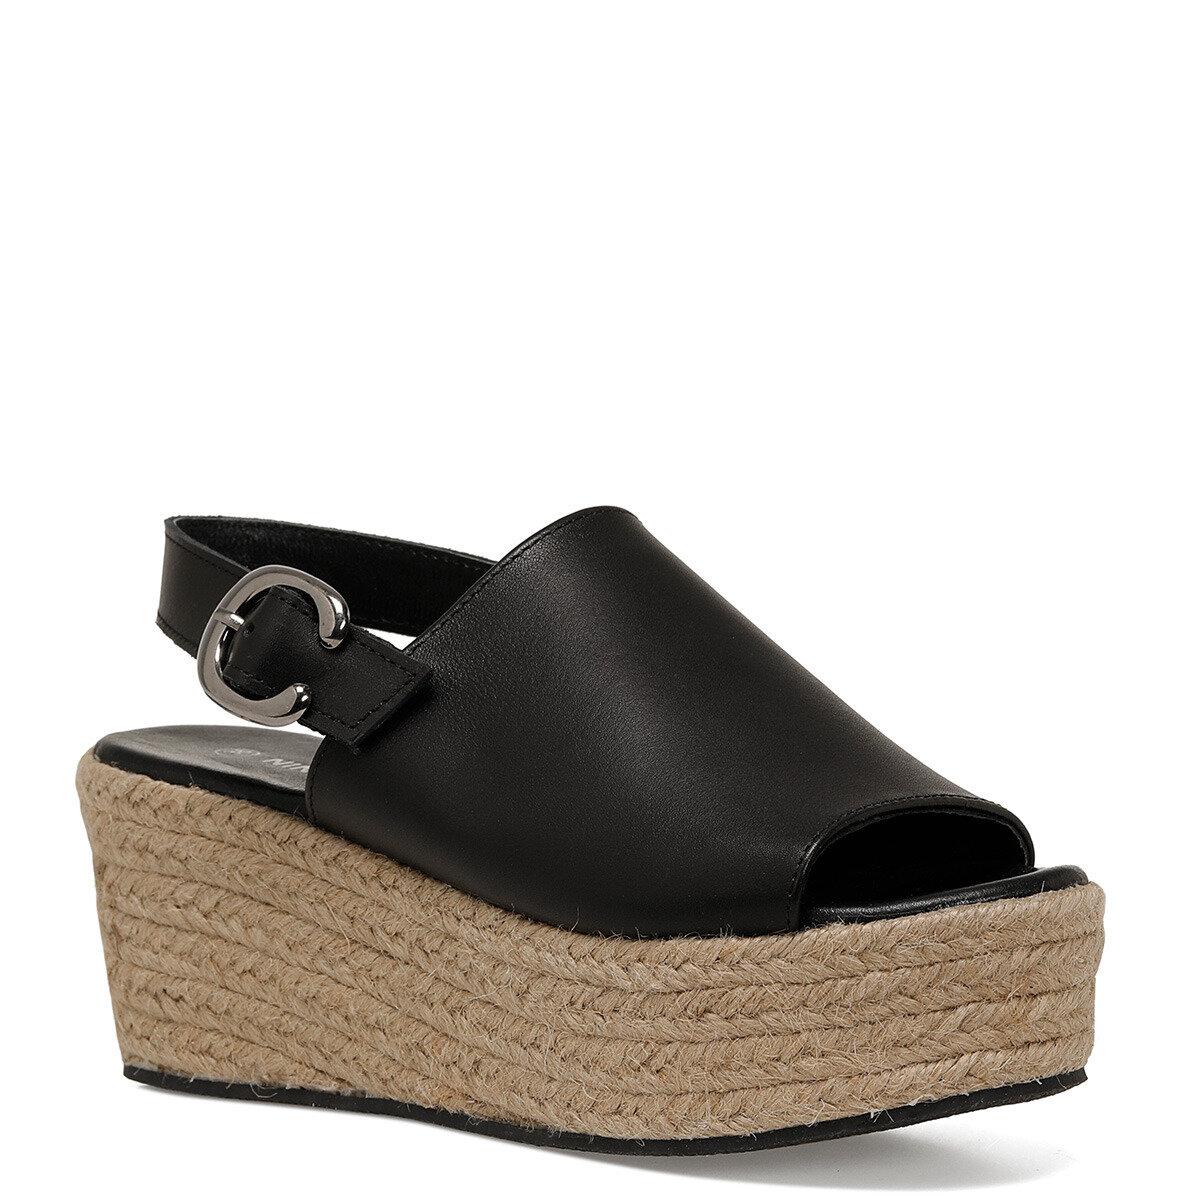 ROMAINE Siyah Kadın Dolgu Topuklu Sandalet